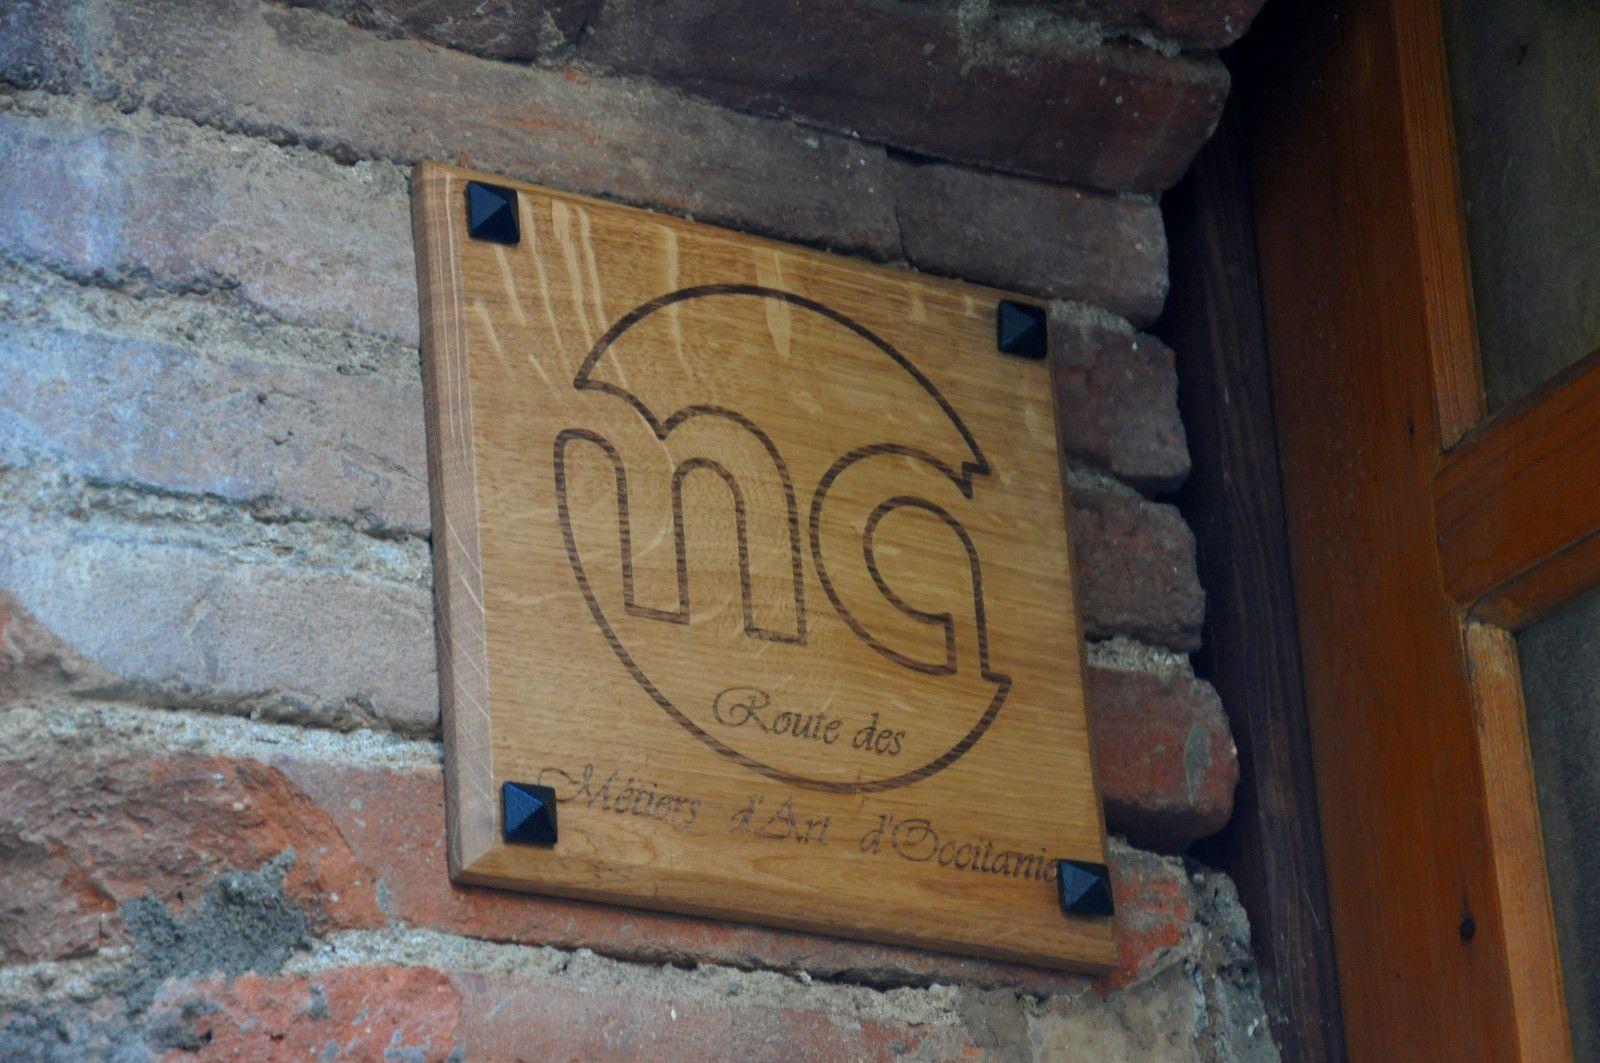 La plaque de chêne est posée devant la porte.